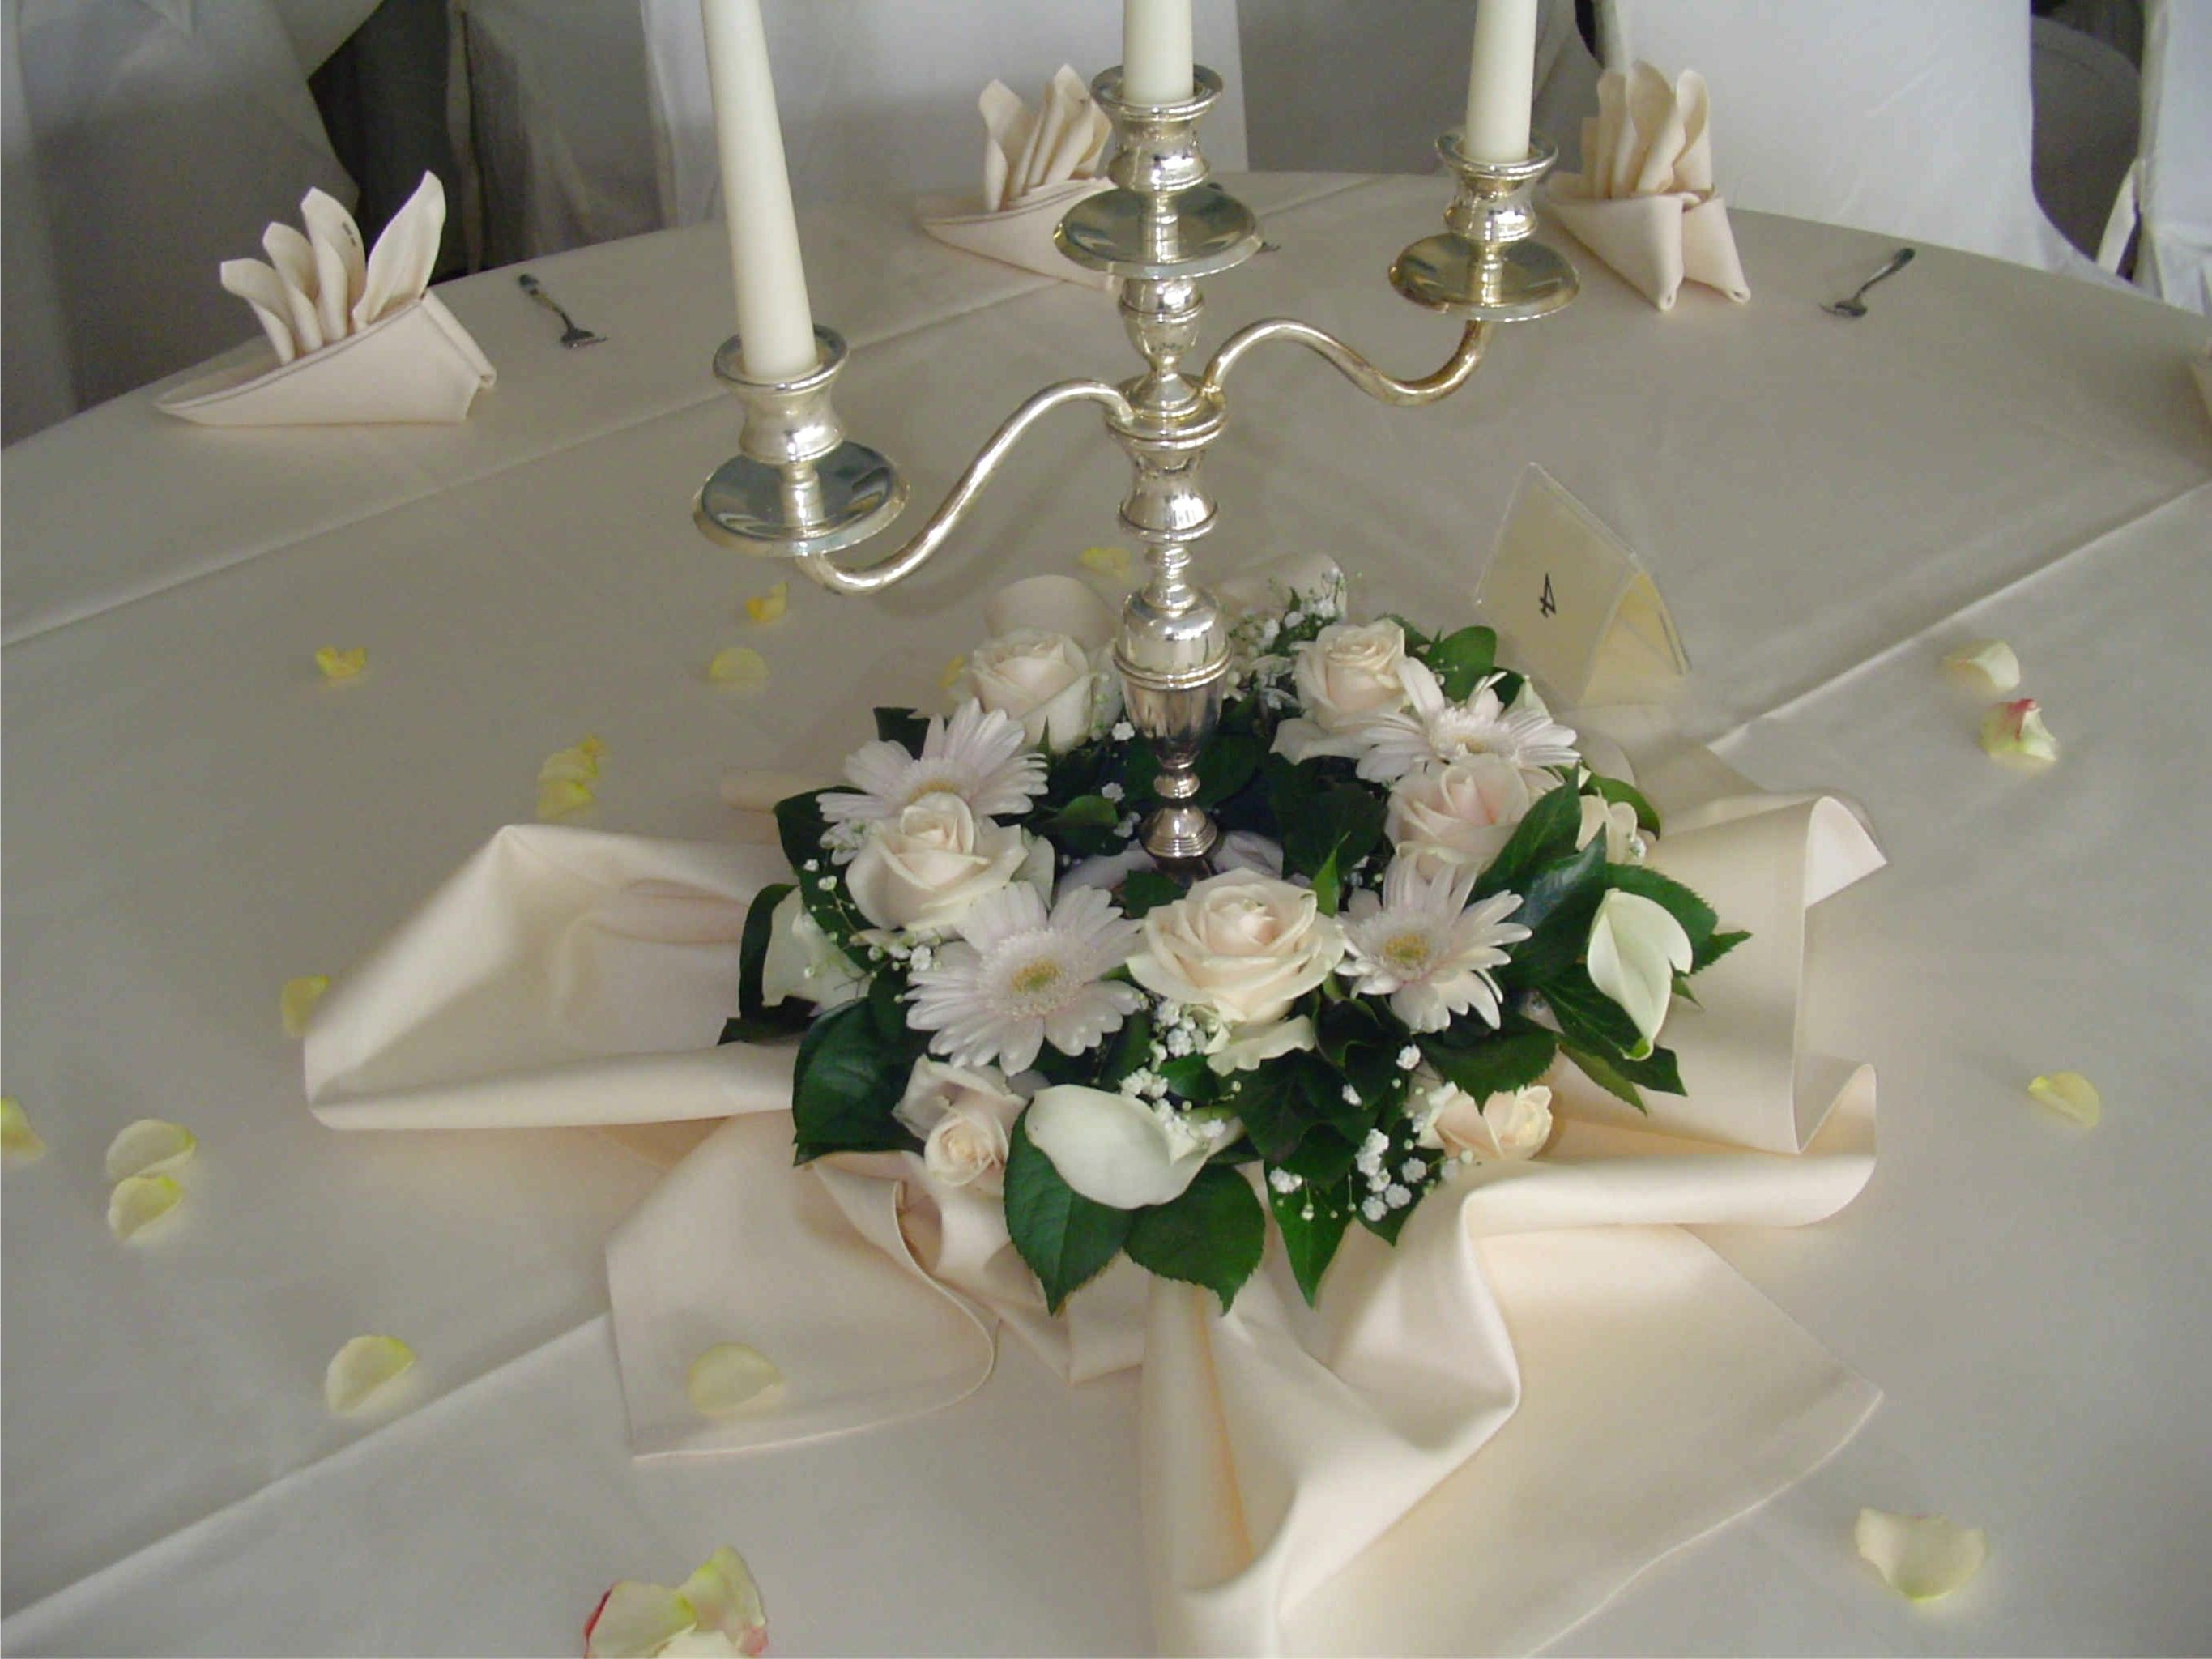 25 Tischdekoration Diamantene Hochzeit Check More At Http Bhealthynow Info Tischdekoration Di Dekoration Hochzeit Tischdekoration Hochzeit Tischdeko Hochzeit